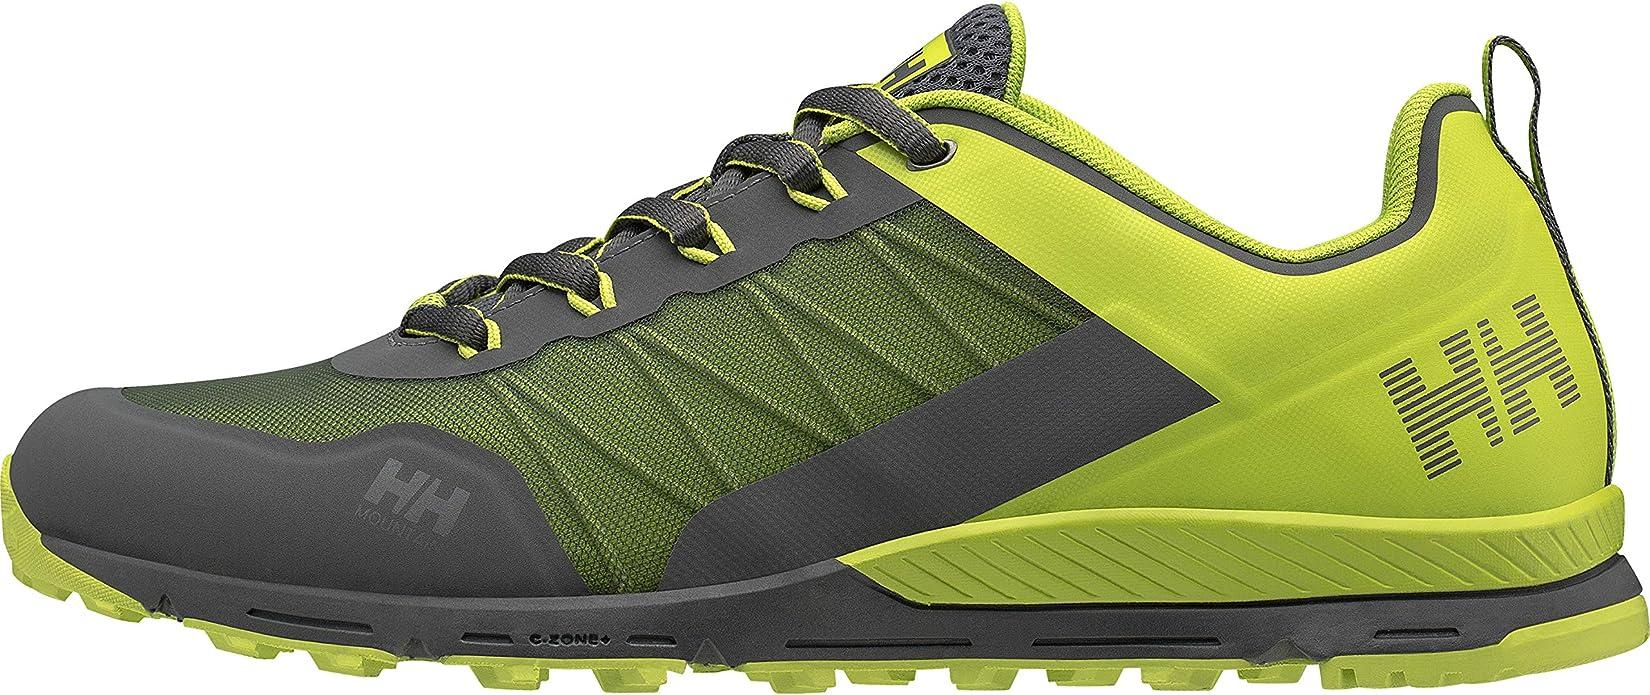 Helly Hansen Varde Trail, Zapatillas de Running para Asfalto para Hombre: Amazon.es: Zapatos y complementos